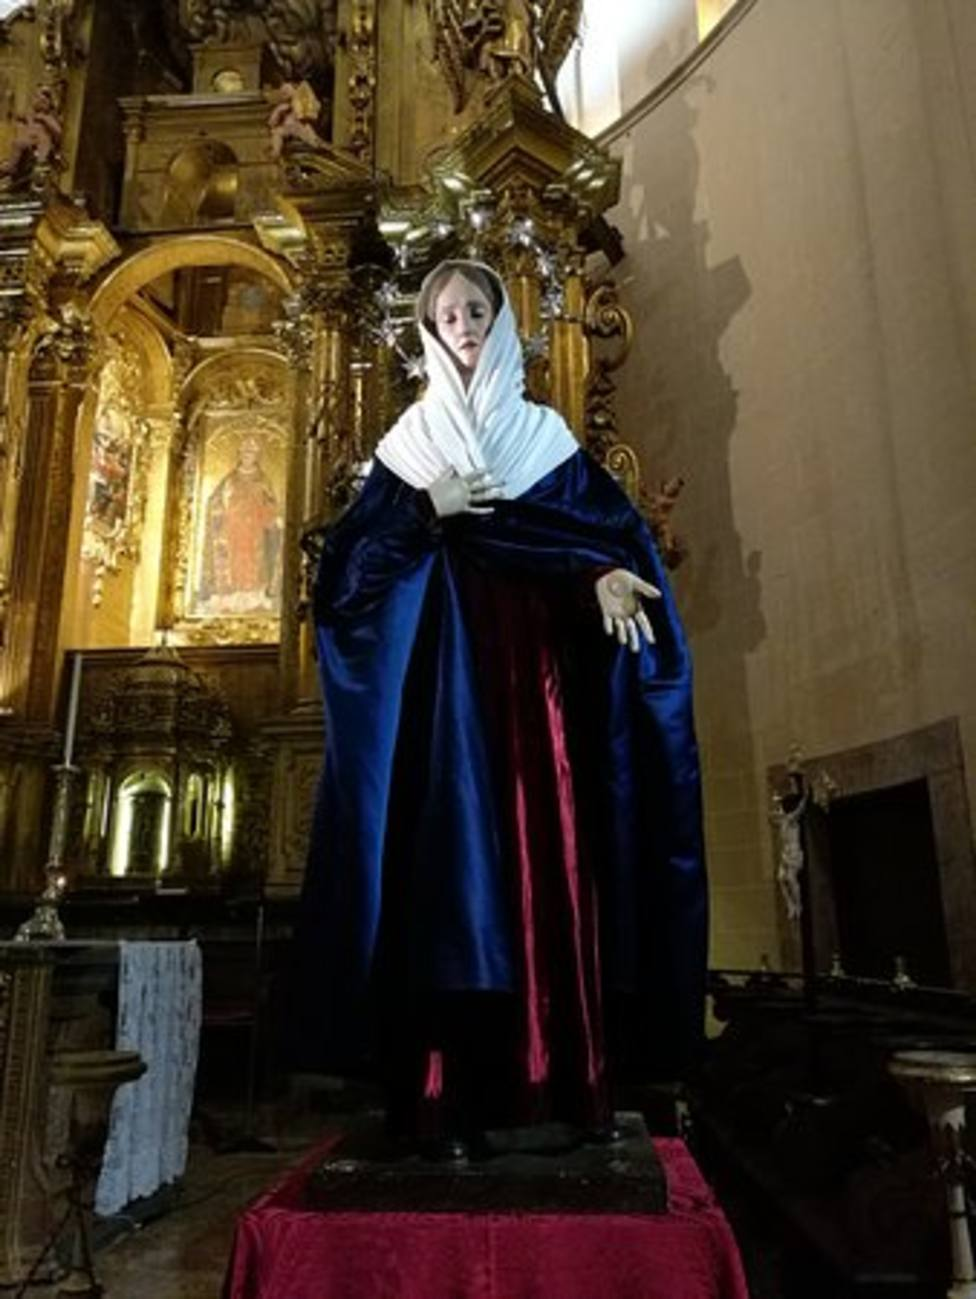 Procesión de la Virgen Dolorosa en Palma a partir de las 21h